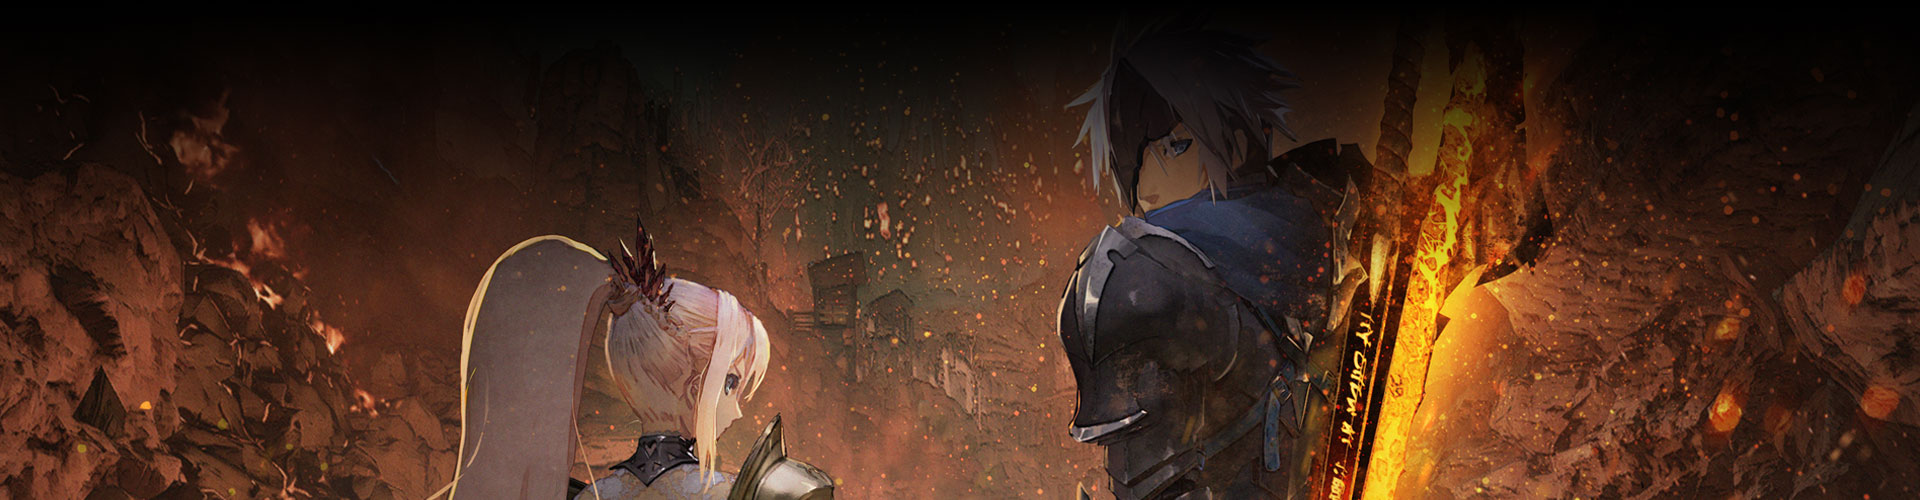 Shionne, de pie, junto a Alden, quien mira hacia atrás con una espada gigante en llamas